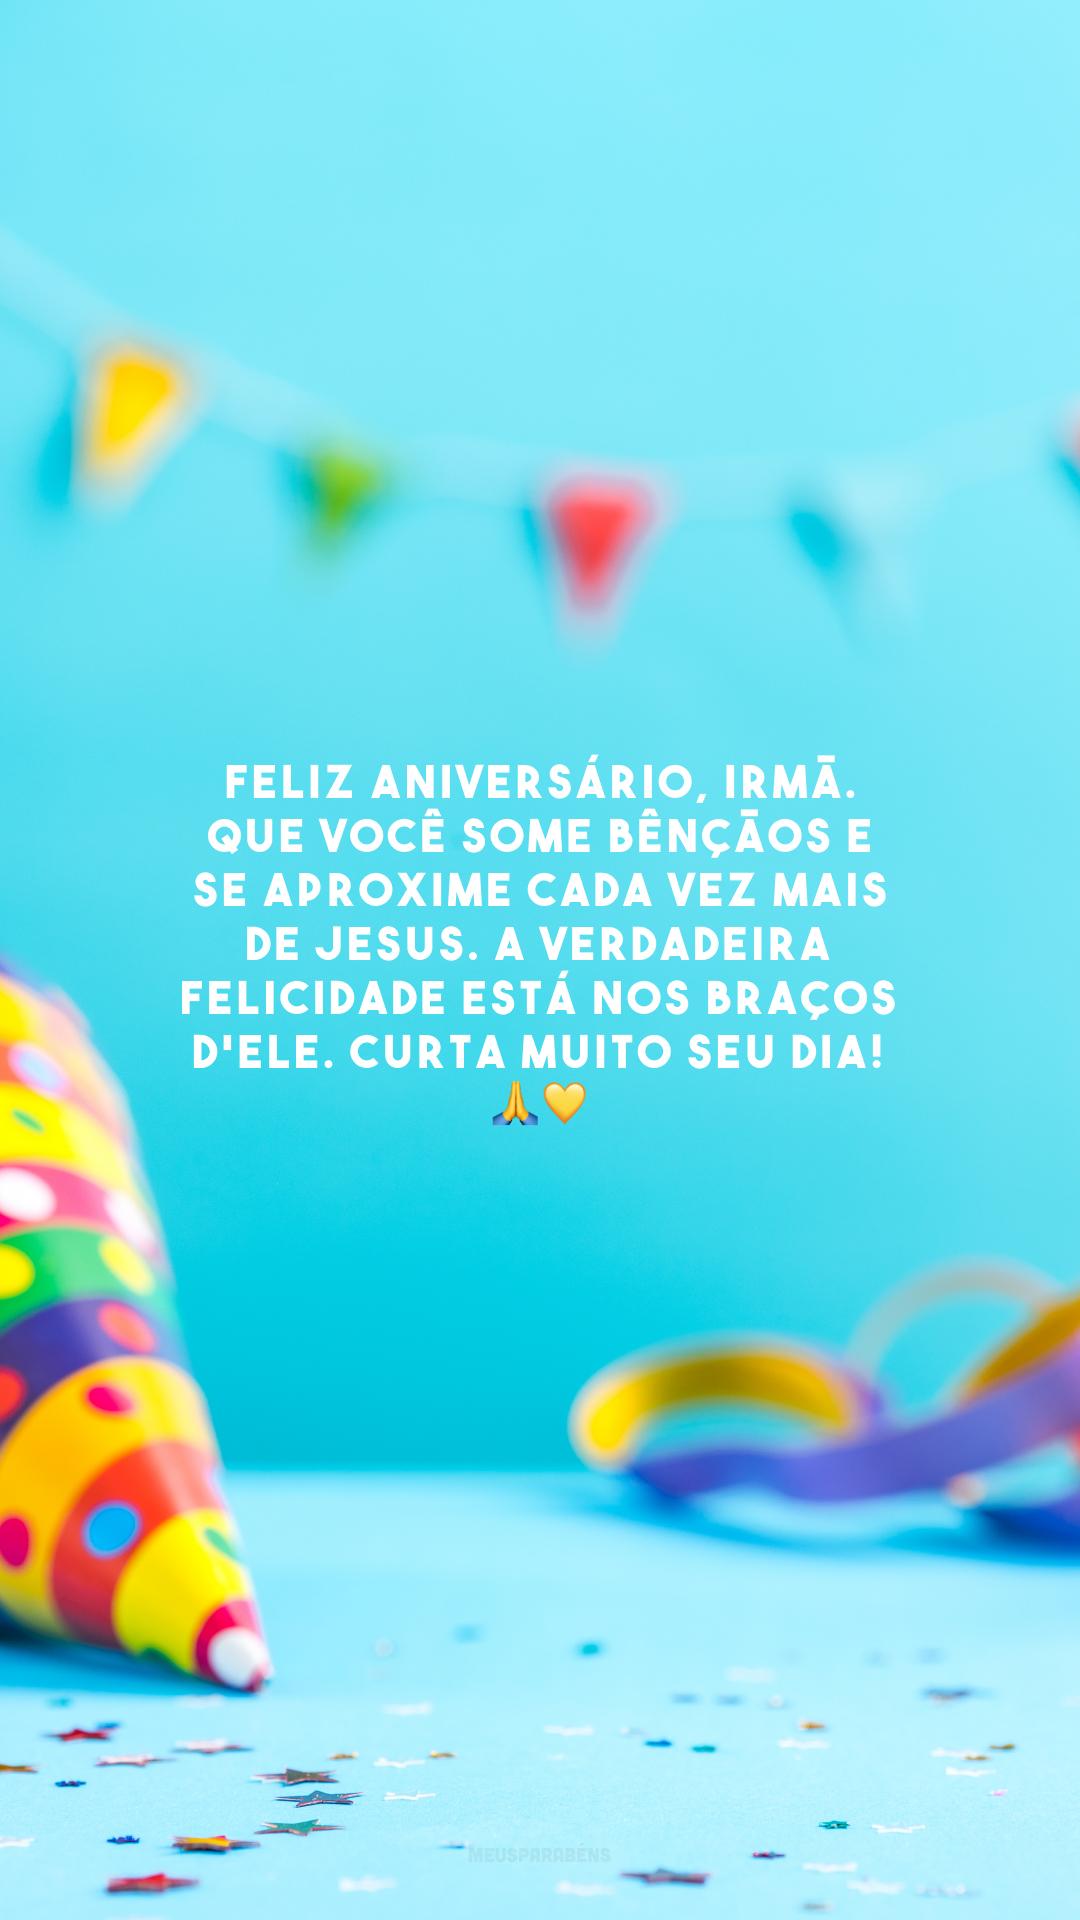 Feliz aniversário, irmã. Que você some bênçãos e se aproxime cada vez mais de Jesus. A verdadeira felicidade está nos braços d'Ele. Curta muito seu dia! 🙏💛